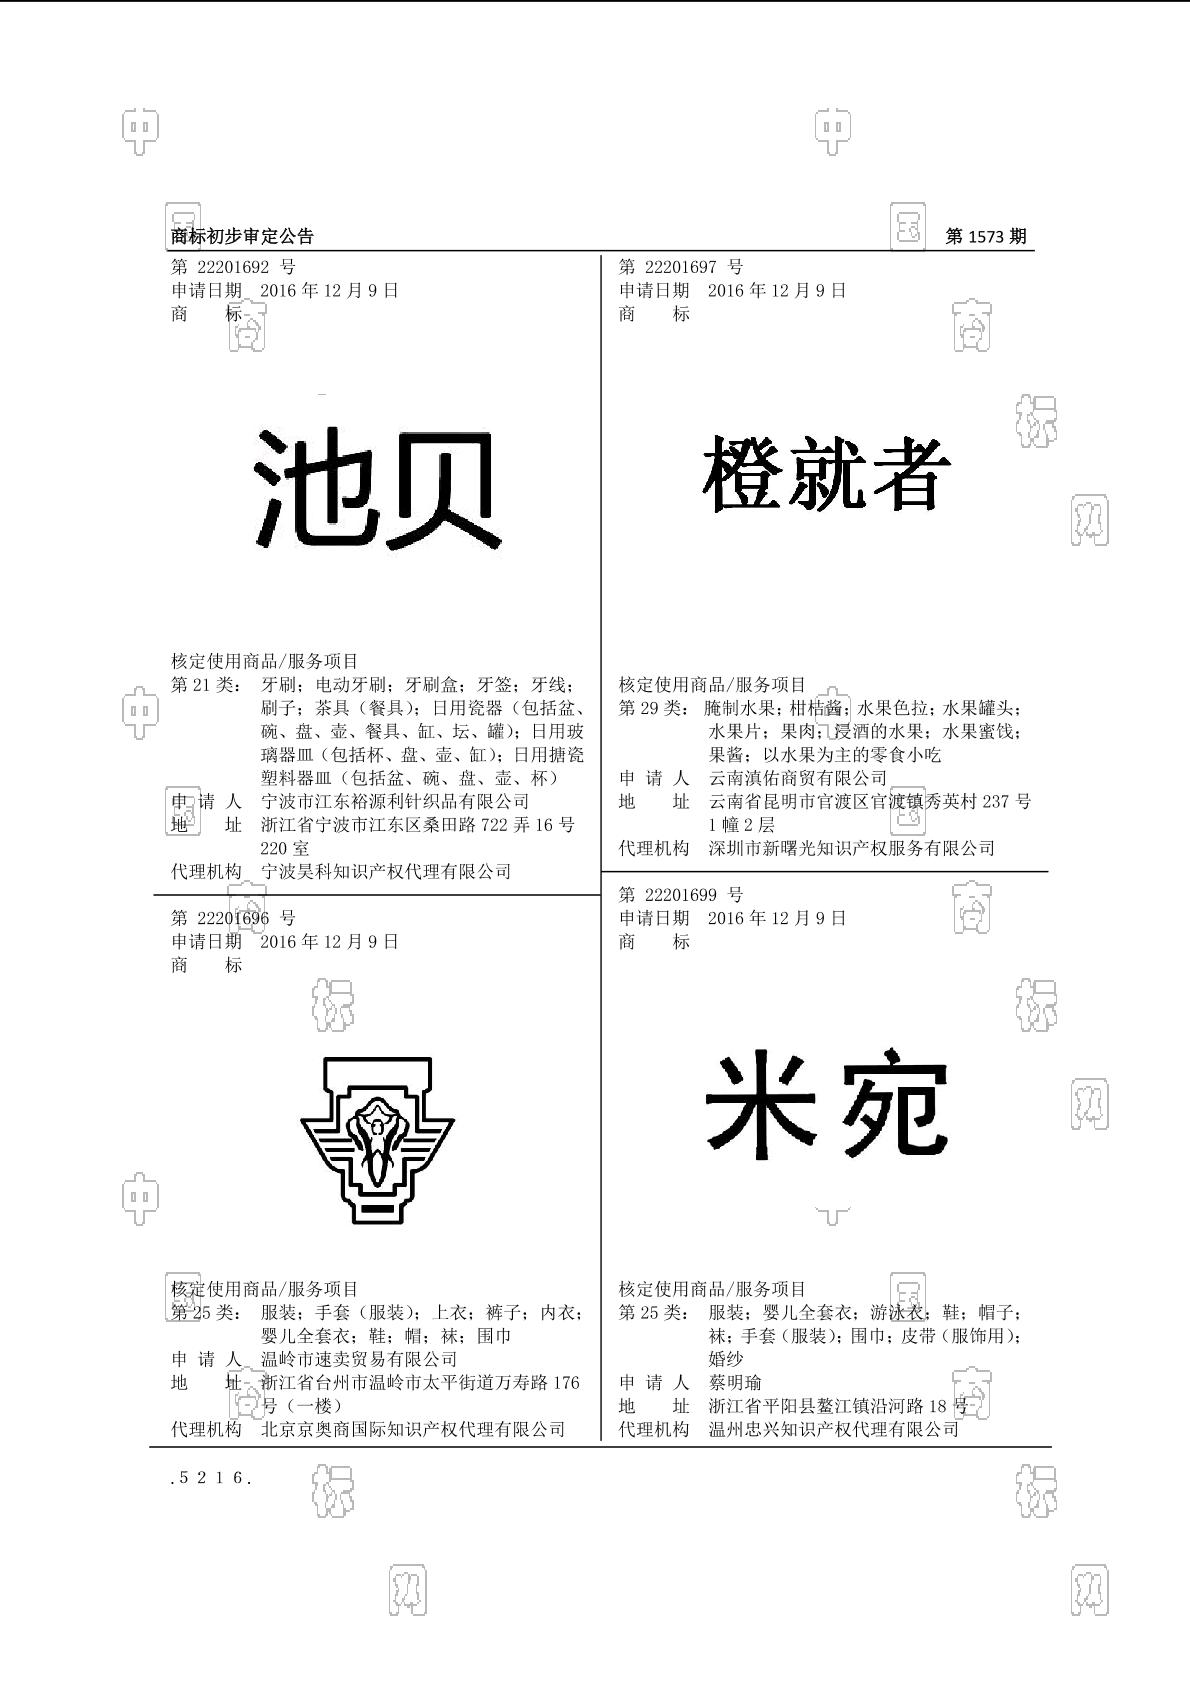 【社标网】米宛商标状态注册号信息 蔡明瑜商标信息-商标查询